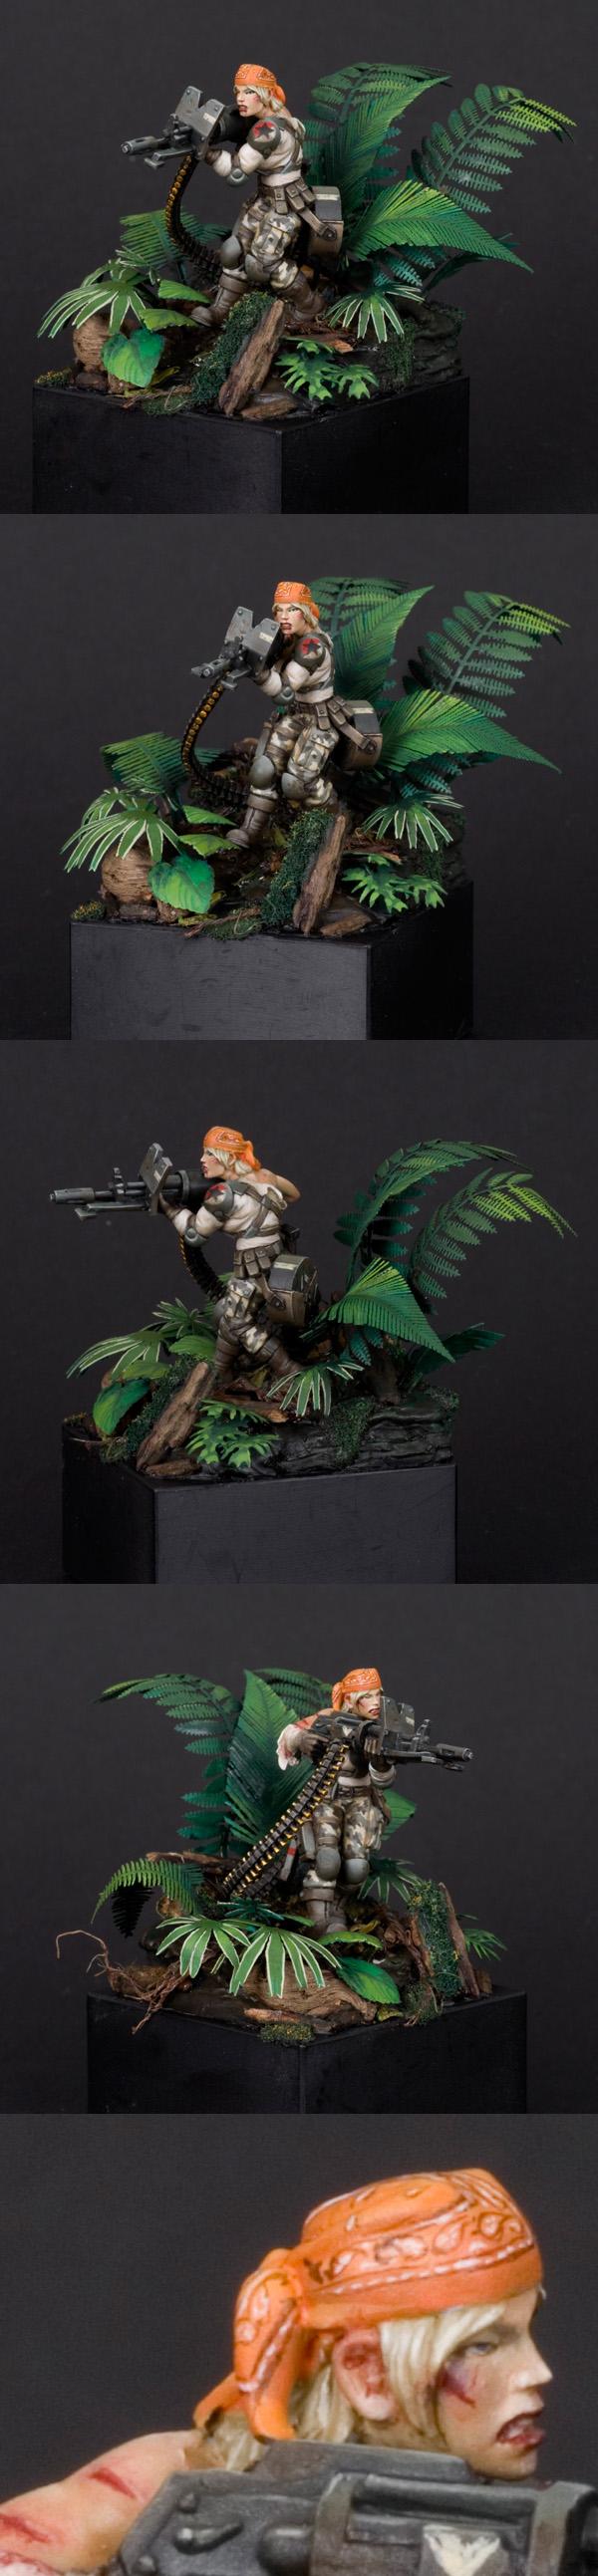 Lt Kara Black